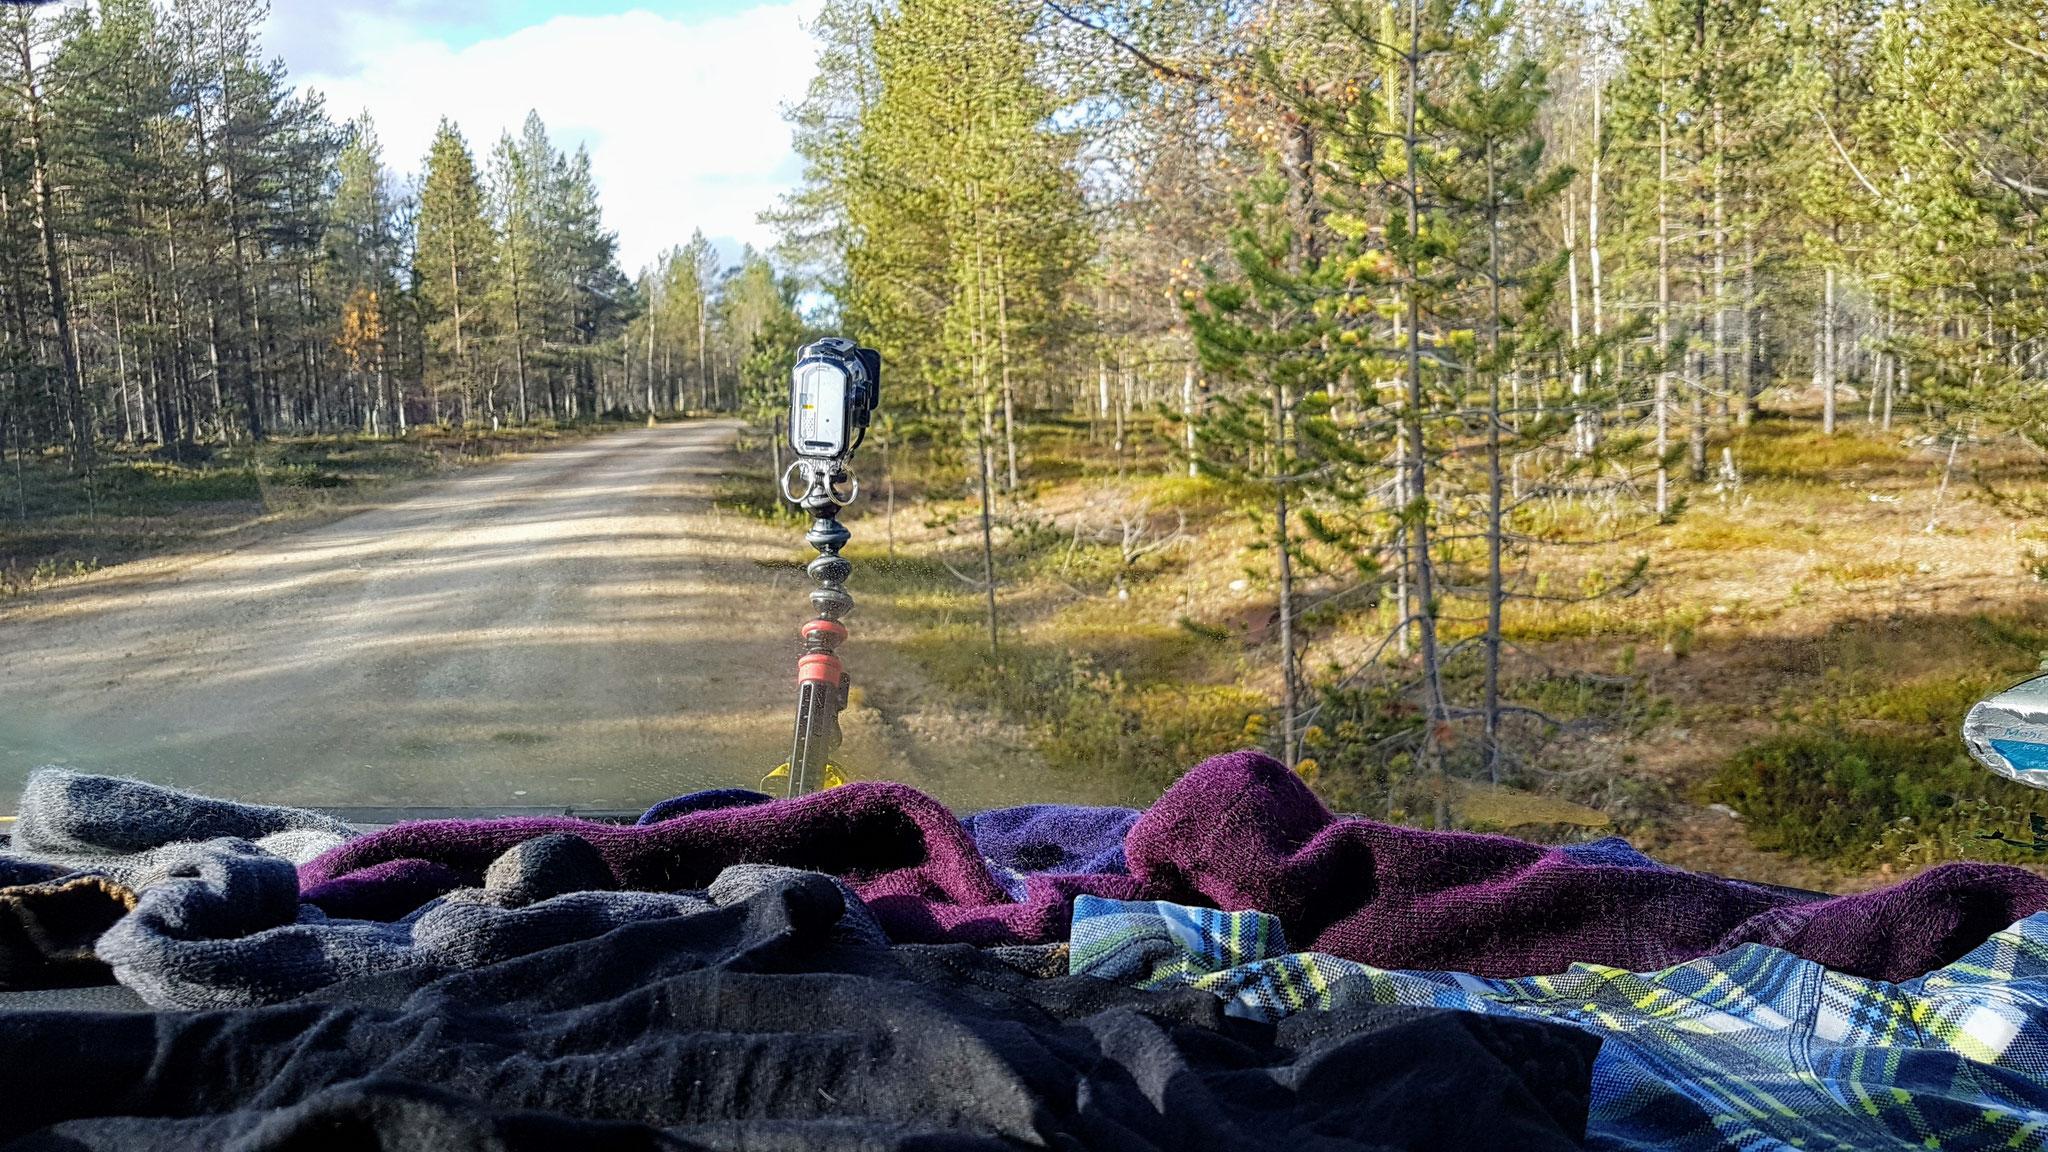 Wäsche trocknen während der Autofahrt